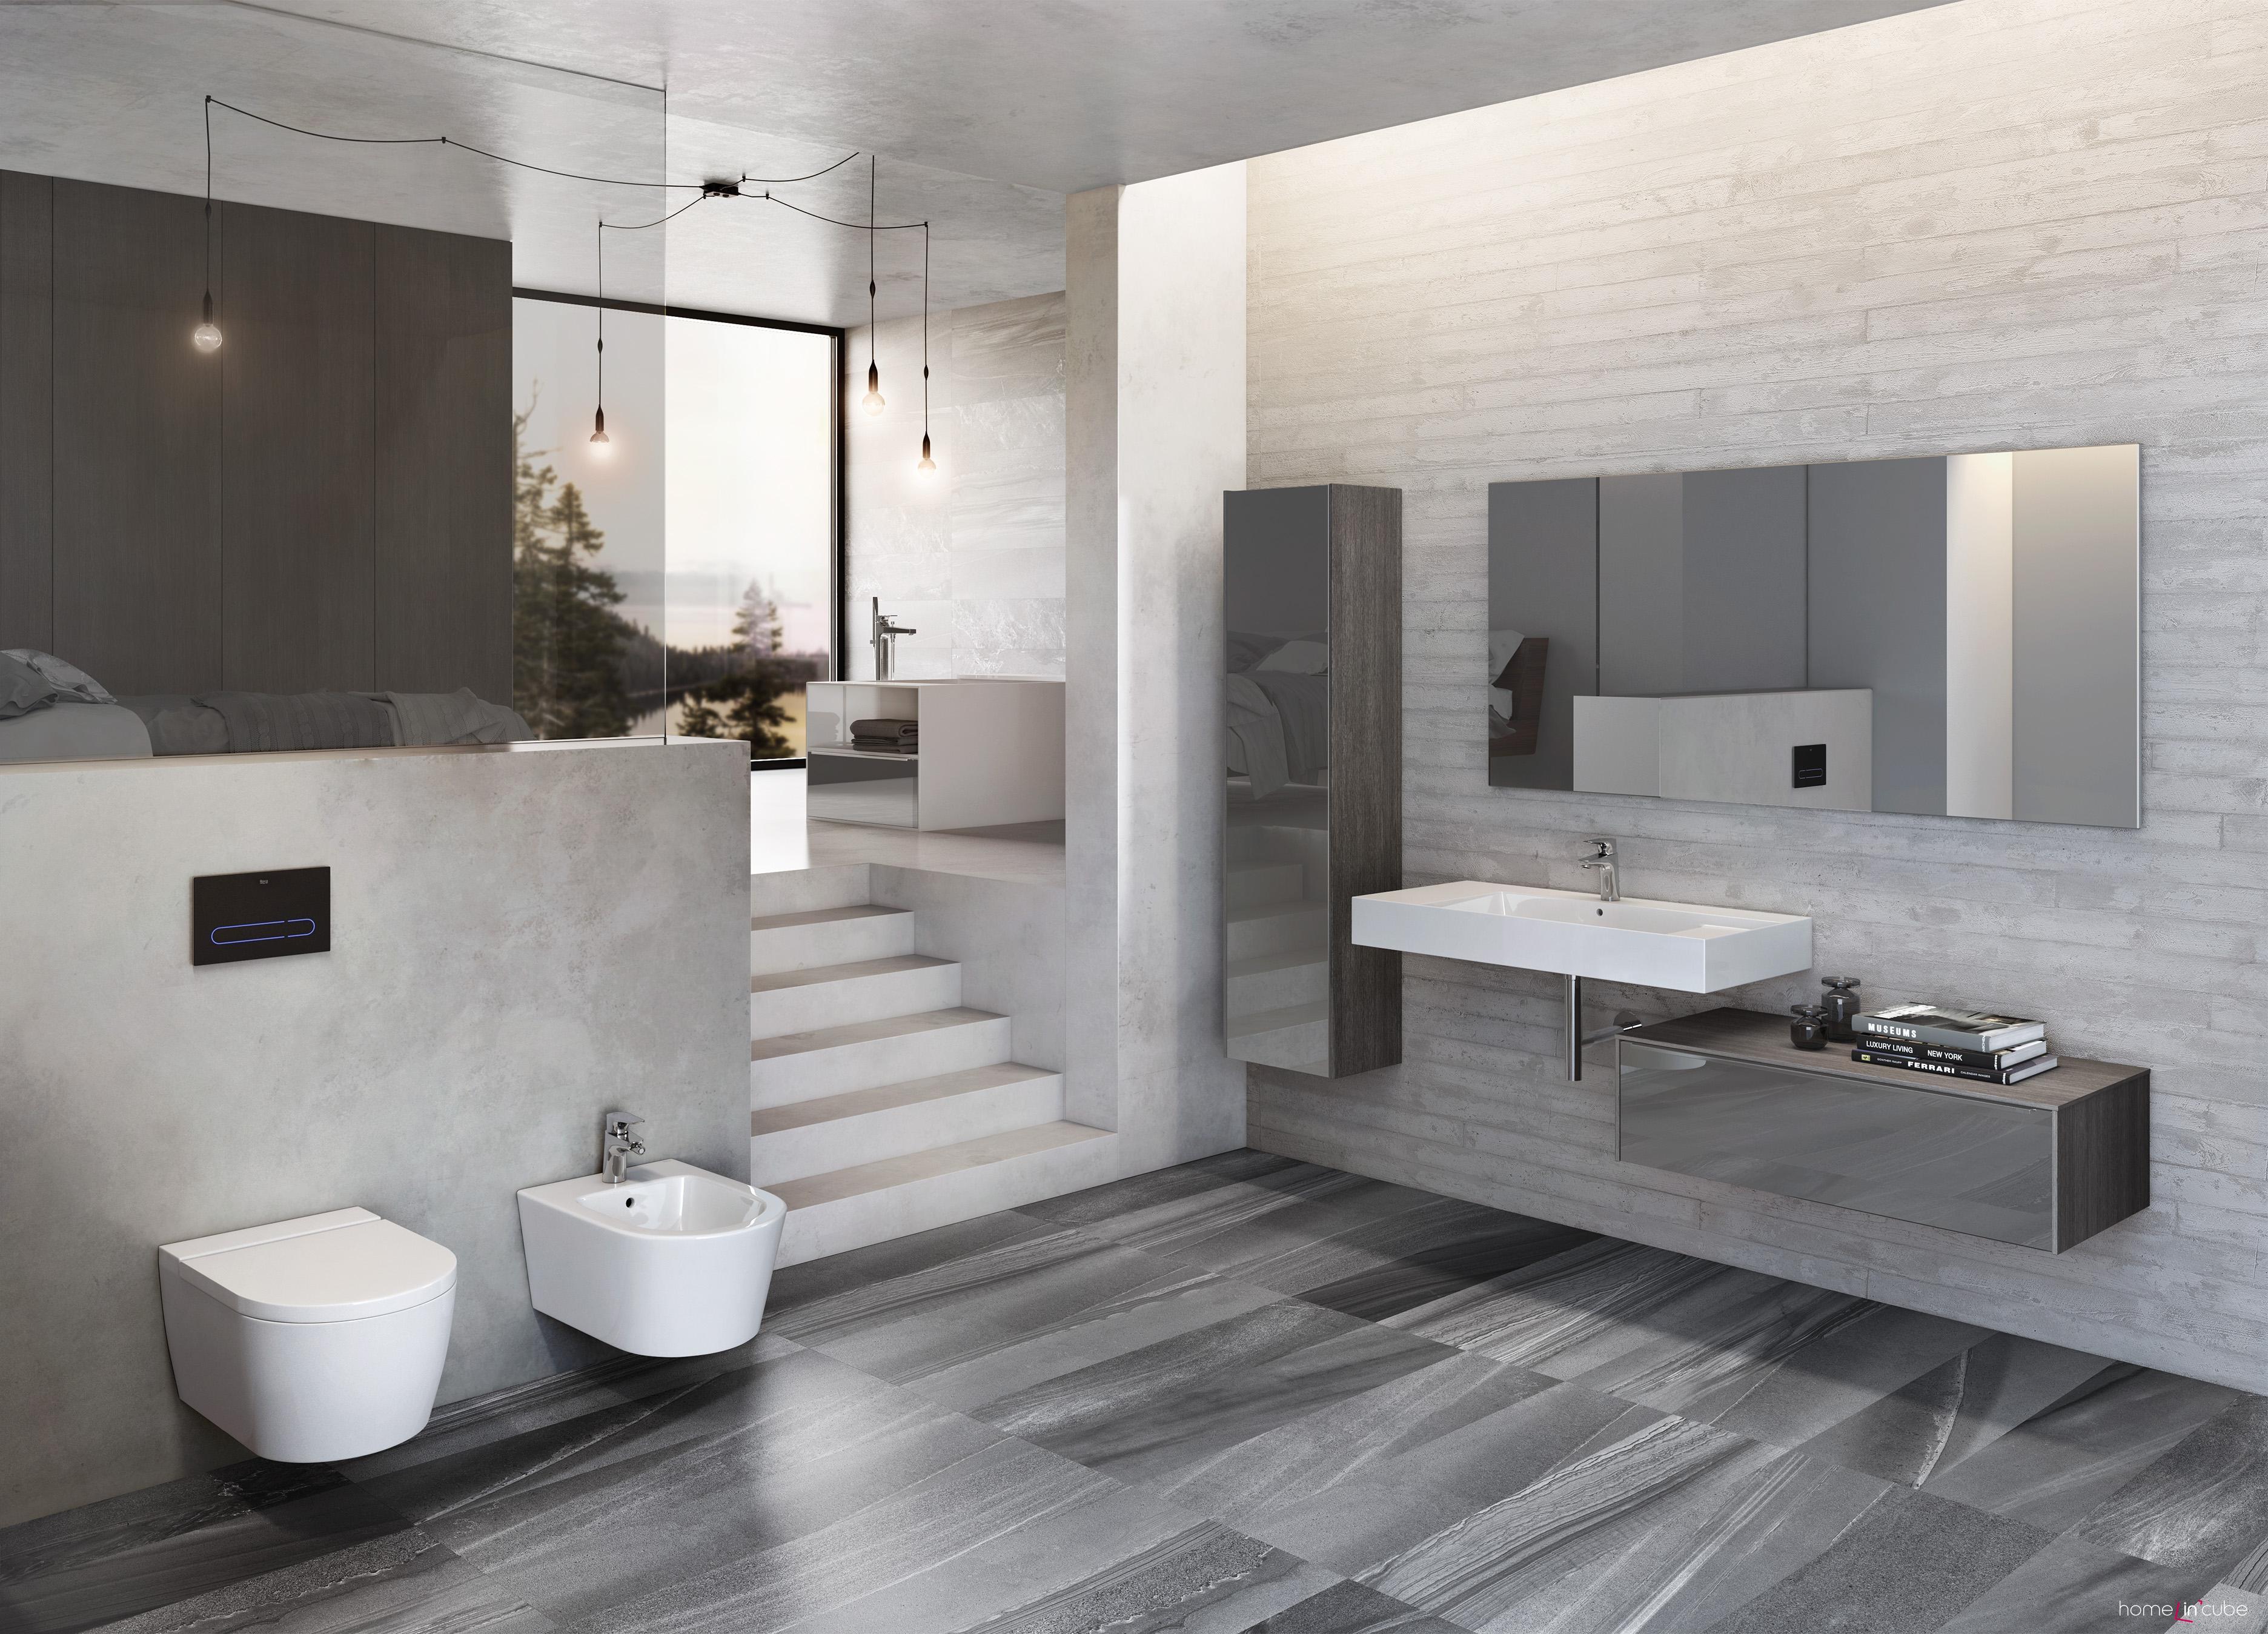 Los lavabos Roca y los lavabos sobre encimera | Laguardia & Moreira